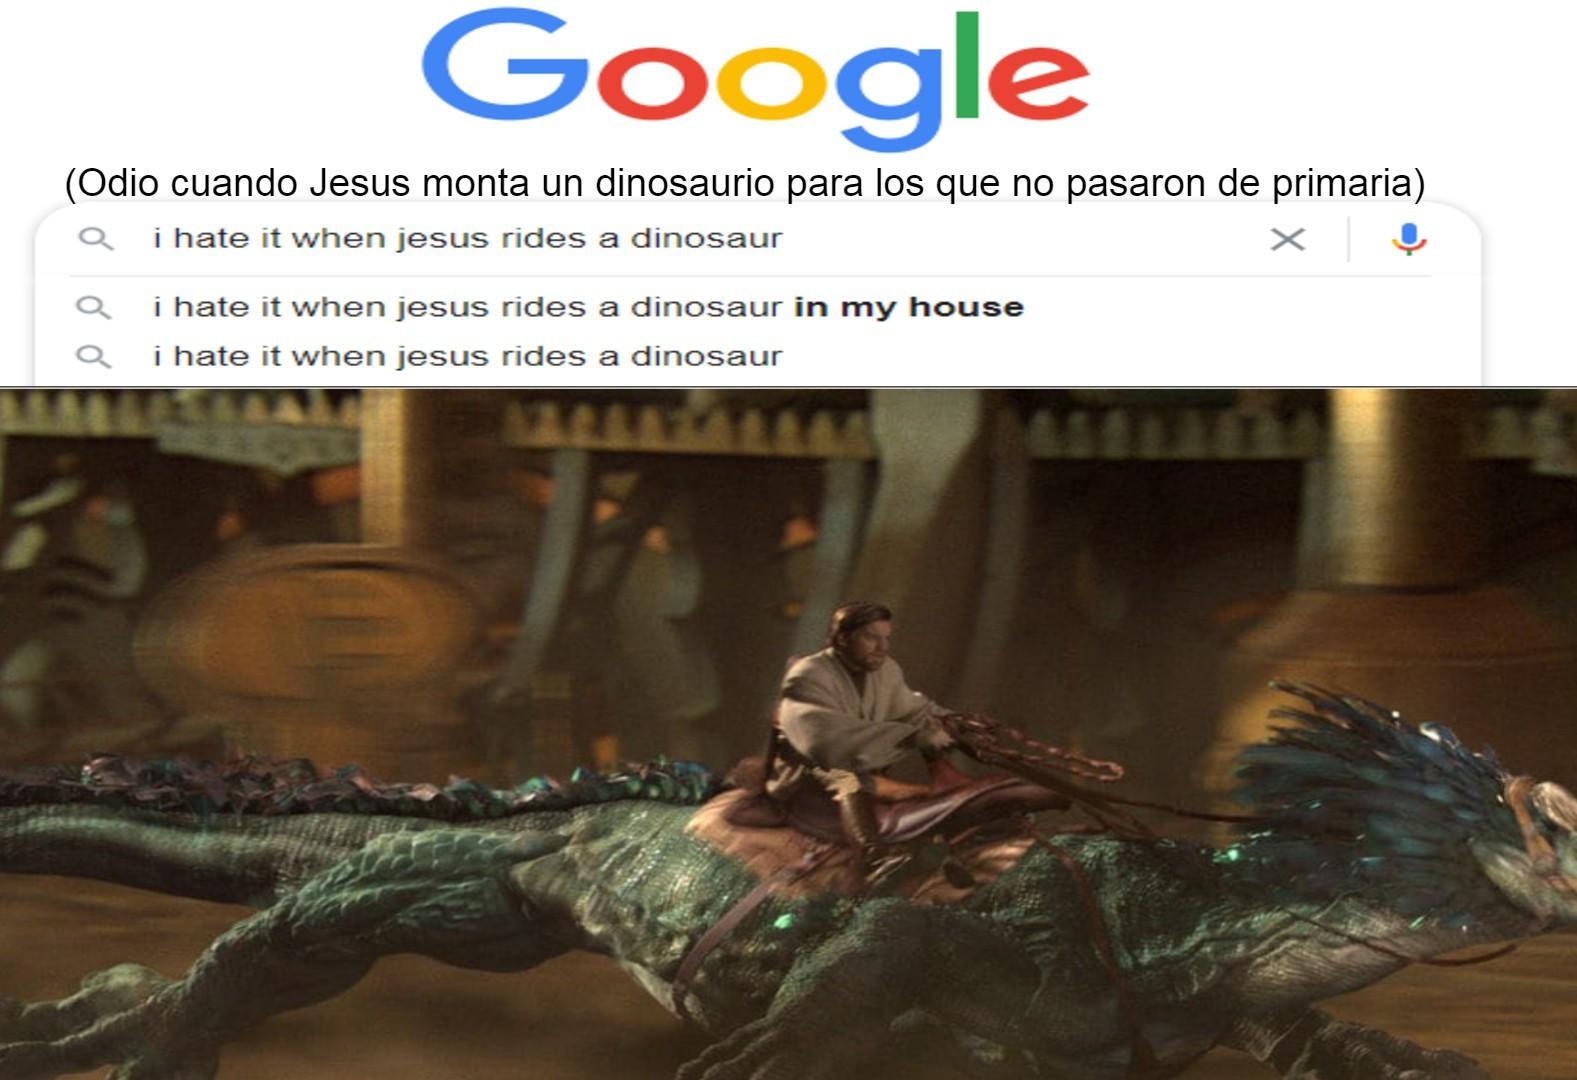 No pude hallarlo en Español lo tuve que hacer en Ingles - meme